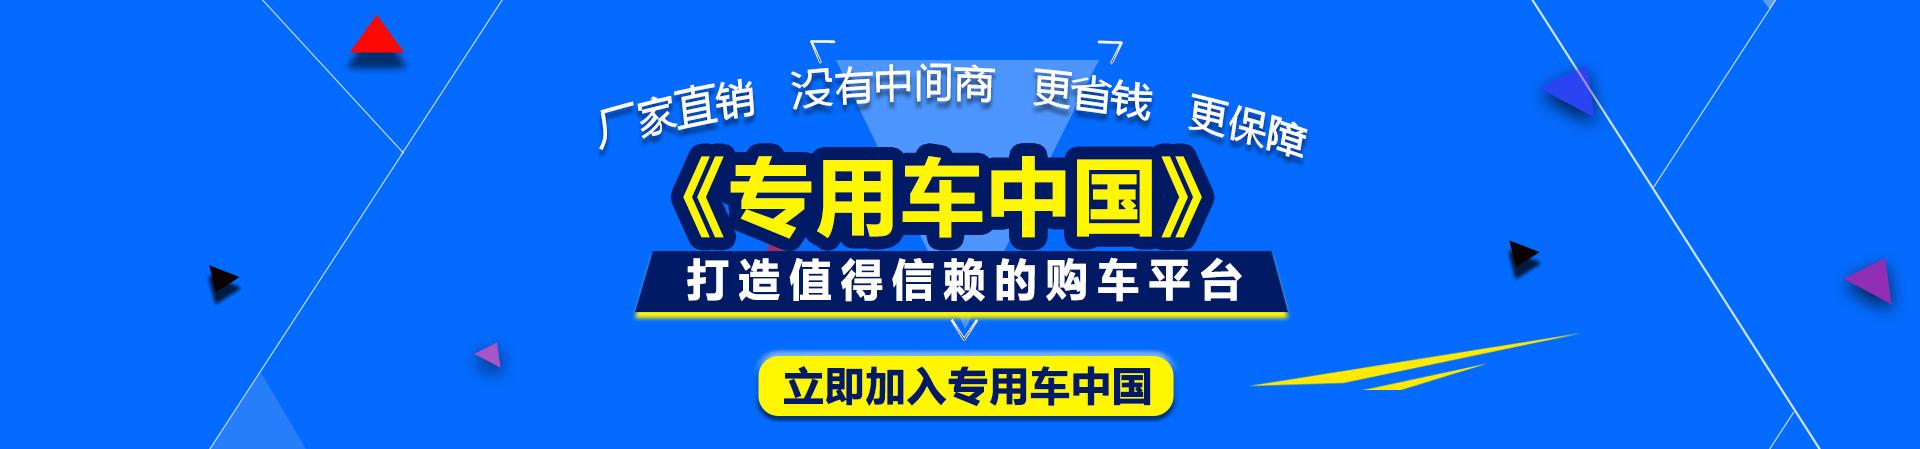 专用车中国直销